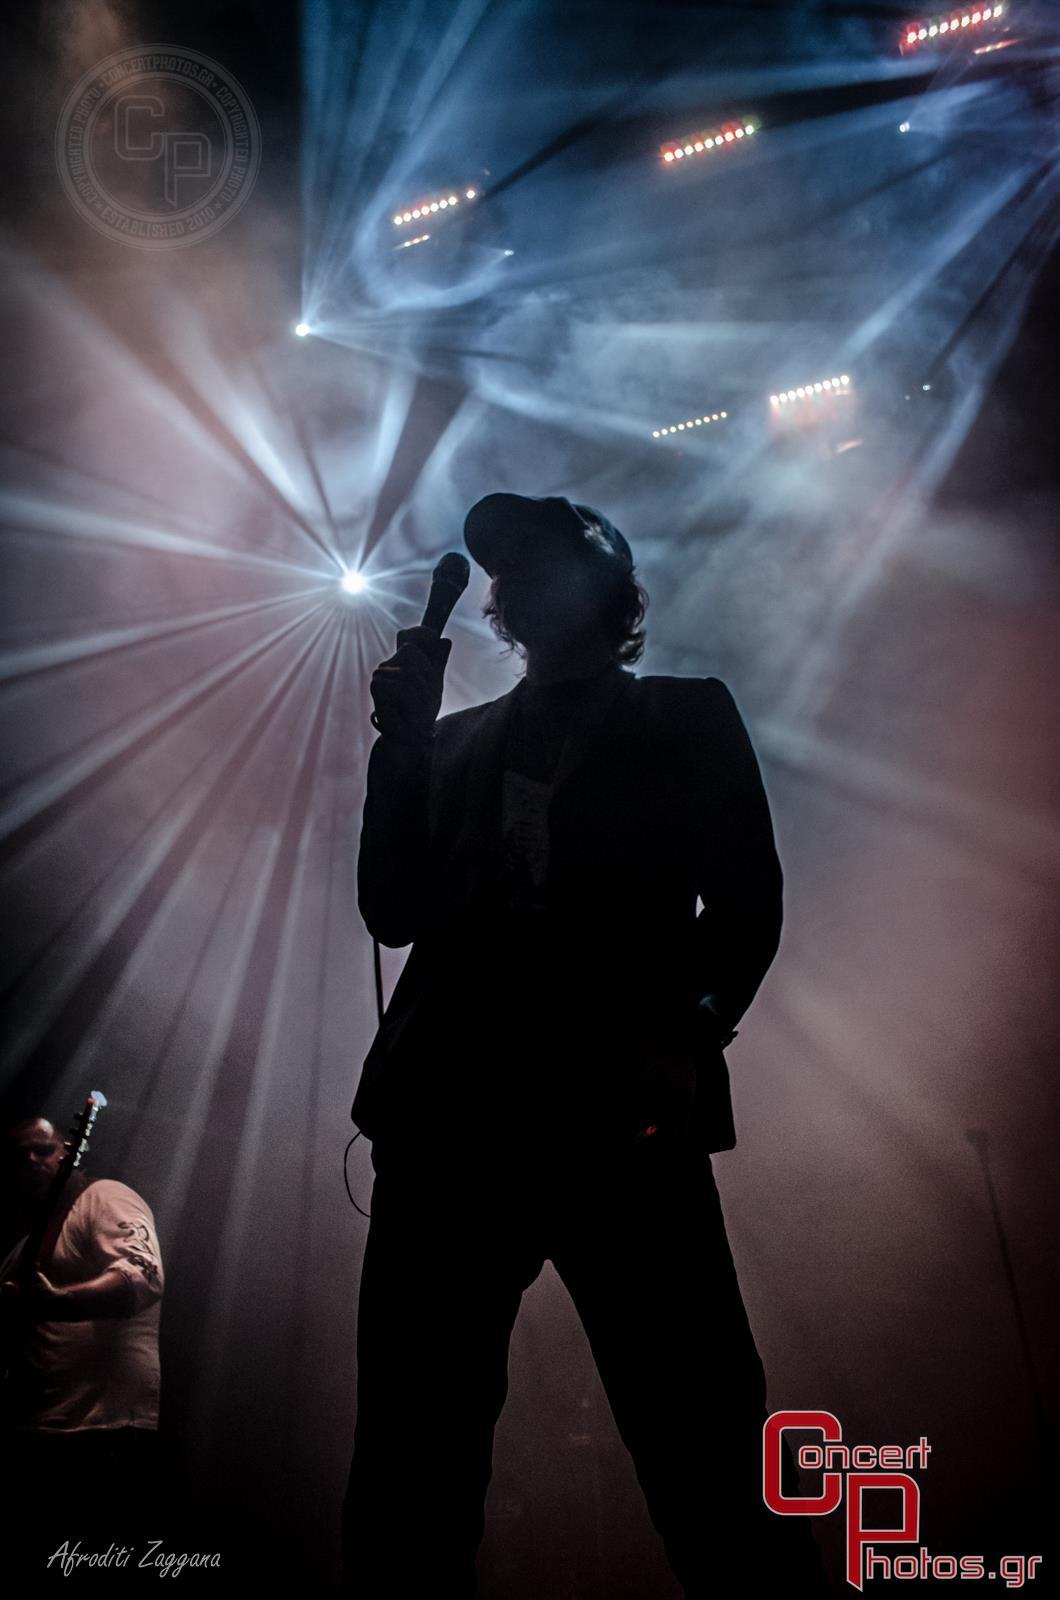 HIM-HIM photographer:  - concertphotos_20140801_21_13_34